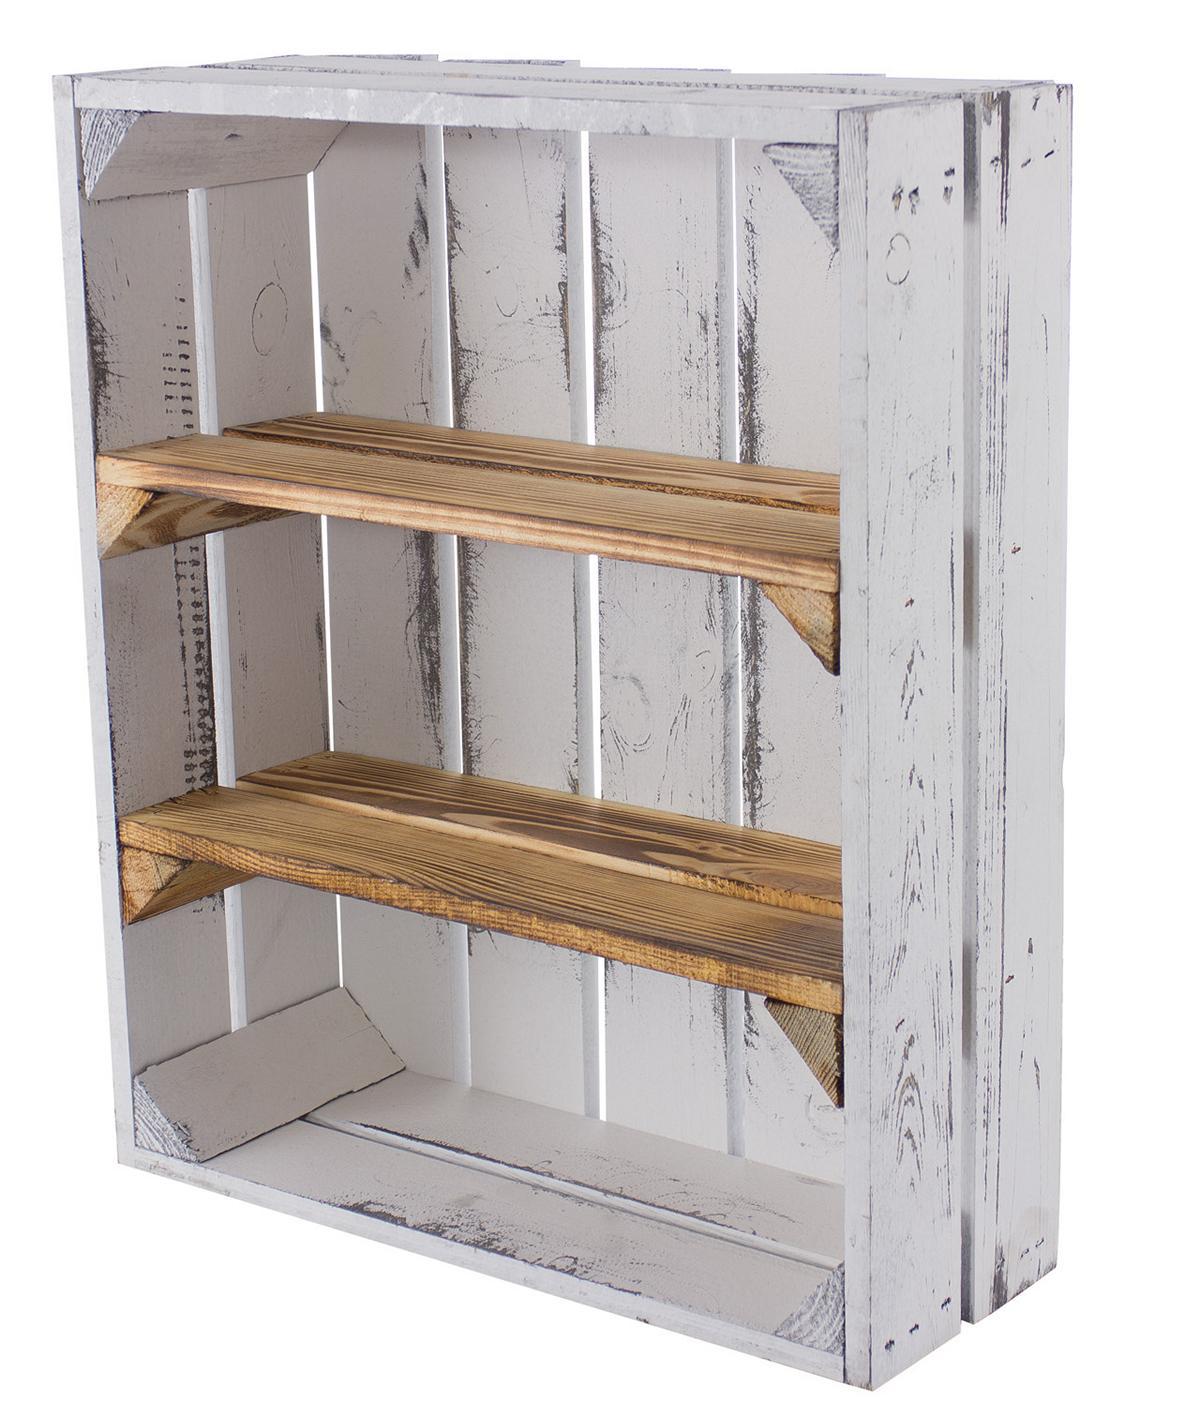 Holzkisten Regal flach-Regalkiste mit 2 Ablagefächern